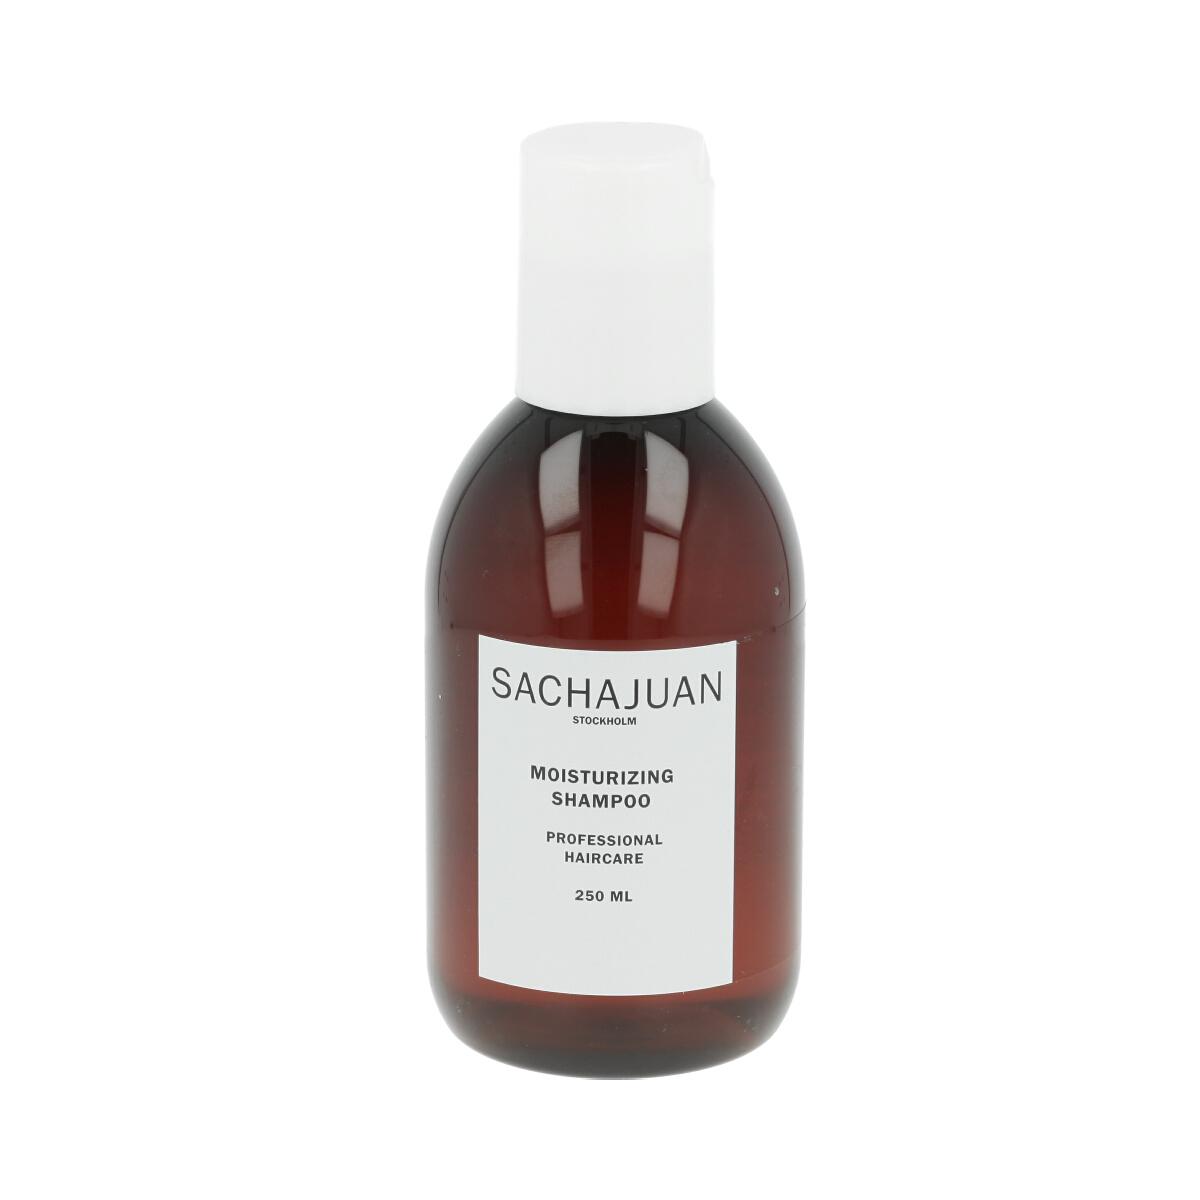 Sachajuan Moisturizing Shampoo 250 ml 20500